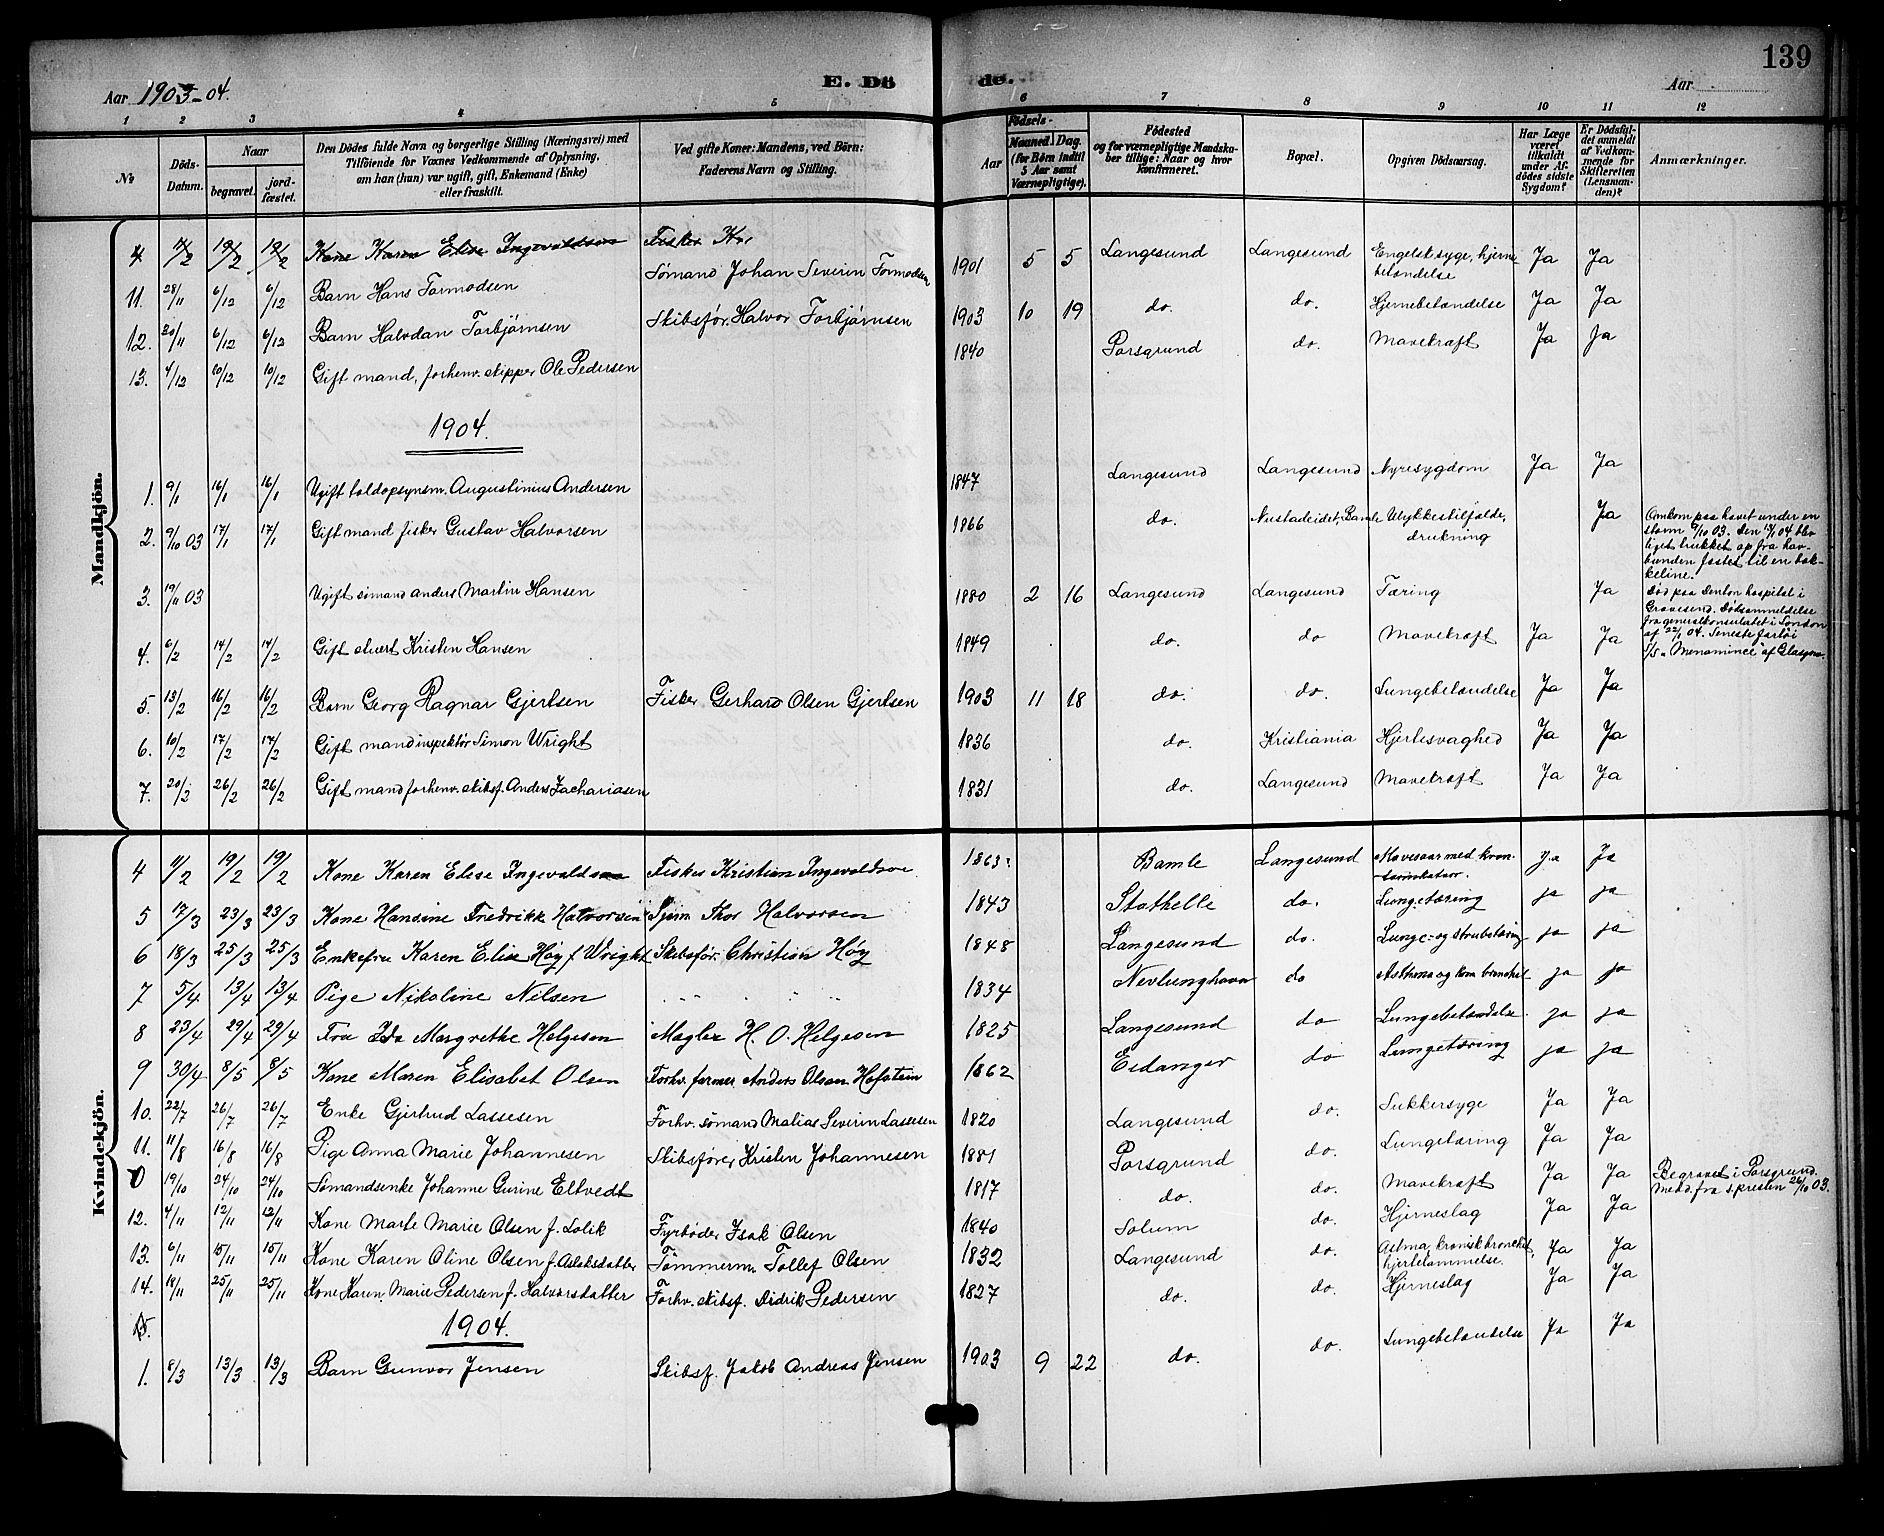 SAKO, Langesund kirkebøker, G/Ga/L0006: Klokkerbok nr. 6, 1899-1918, s. 139